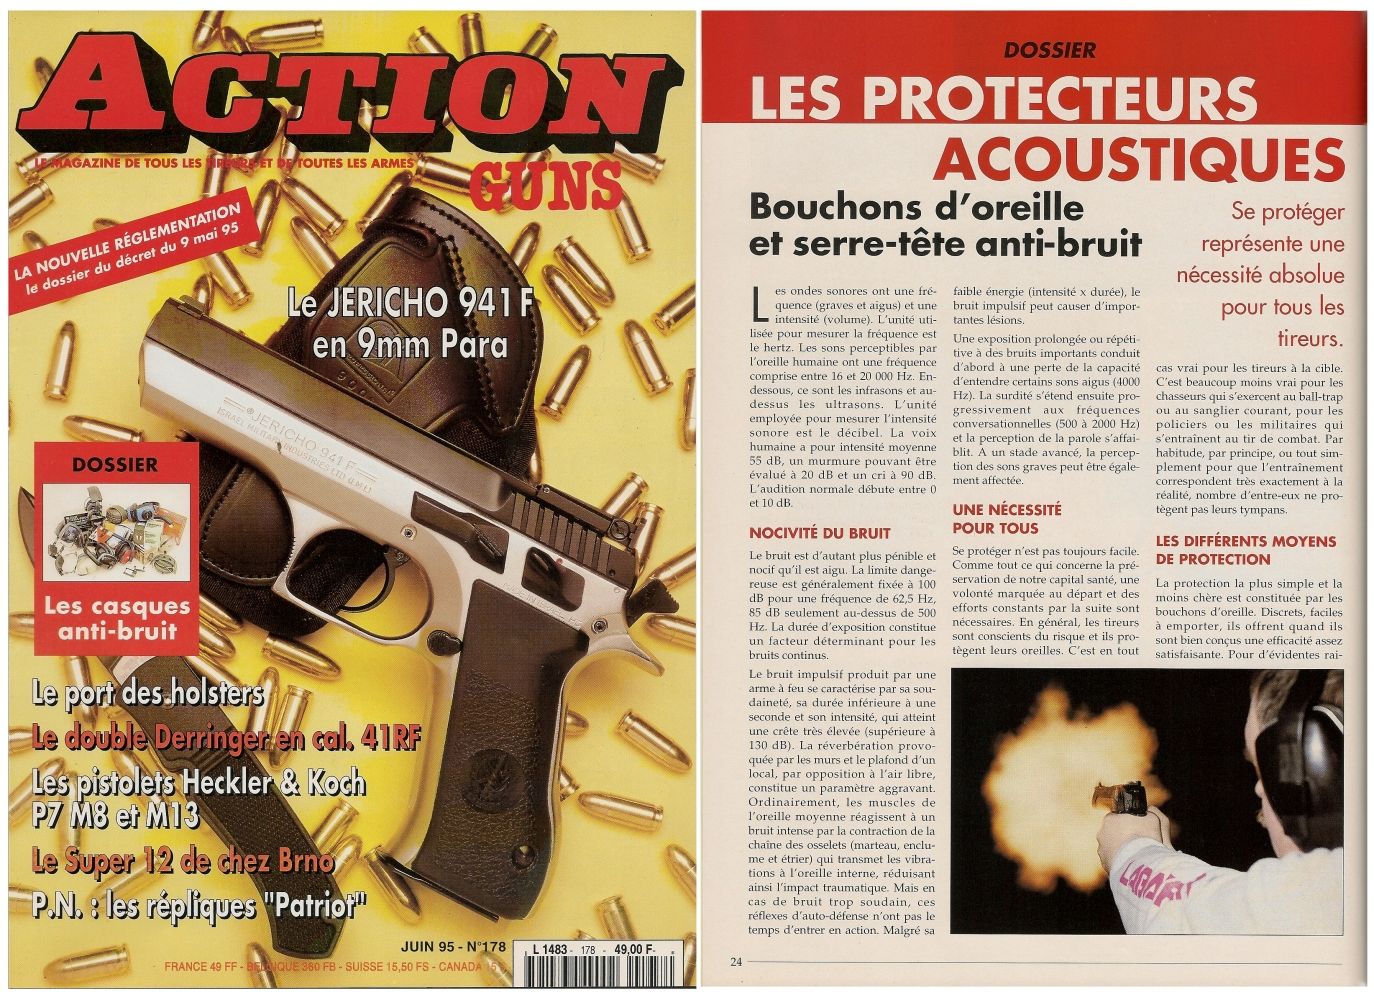 Le dossier consacré aux protecteurs acoustiques, bouchons d'oreille et serre-tête anti-bruit, avait été publié sur 8 pages dans le magazine Action Guns n° 178 (juin 1995).